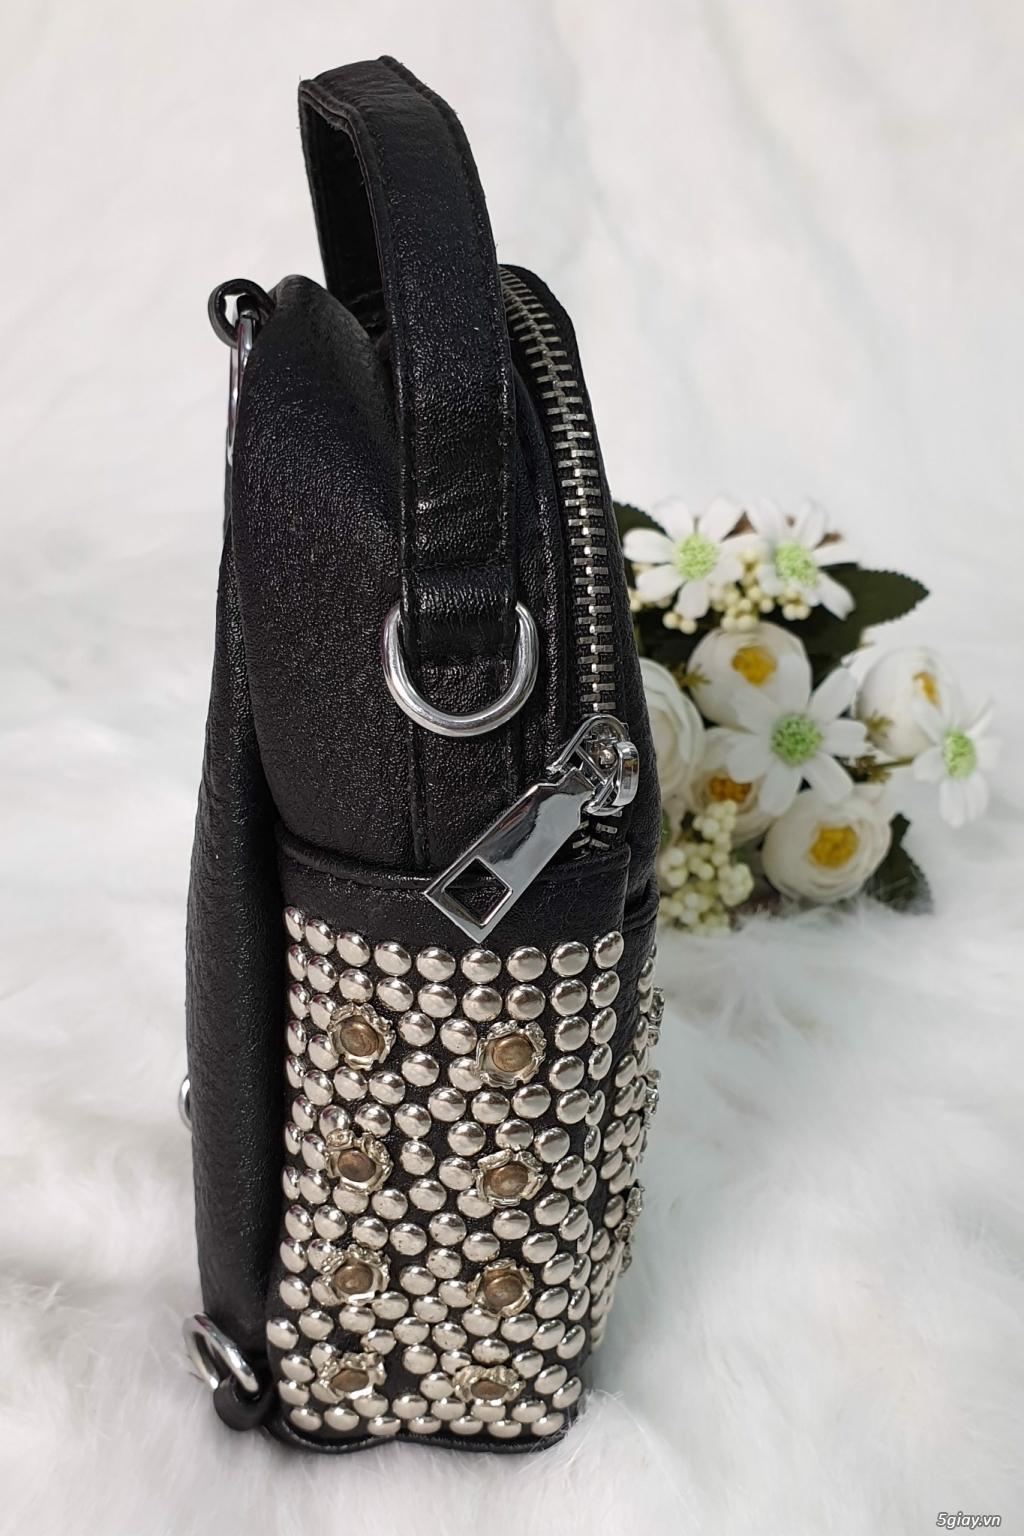 Wal House Fashion - Bóp ví túi xách thời trang - Giá ưu đãi - 8